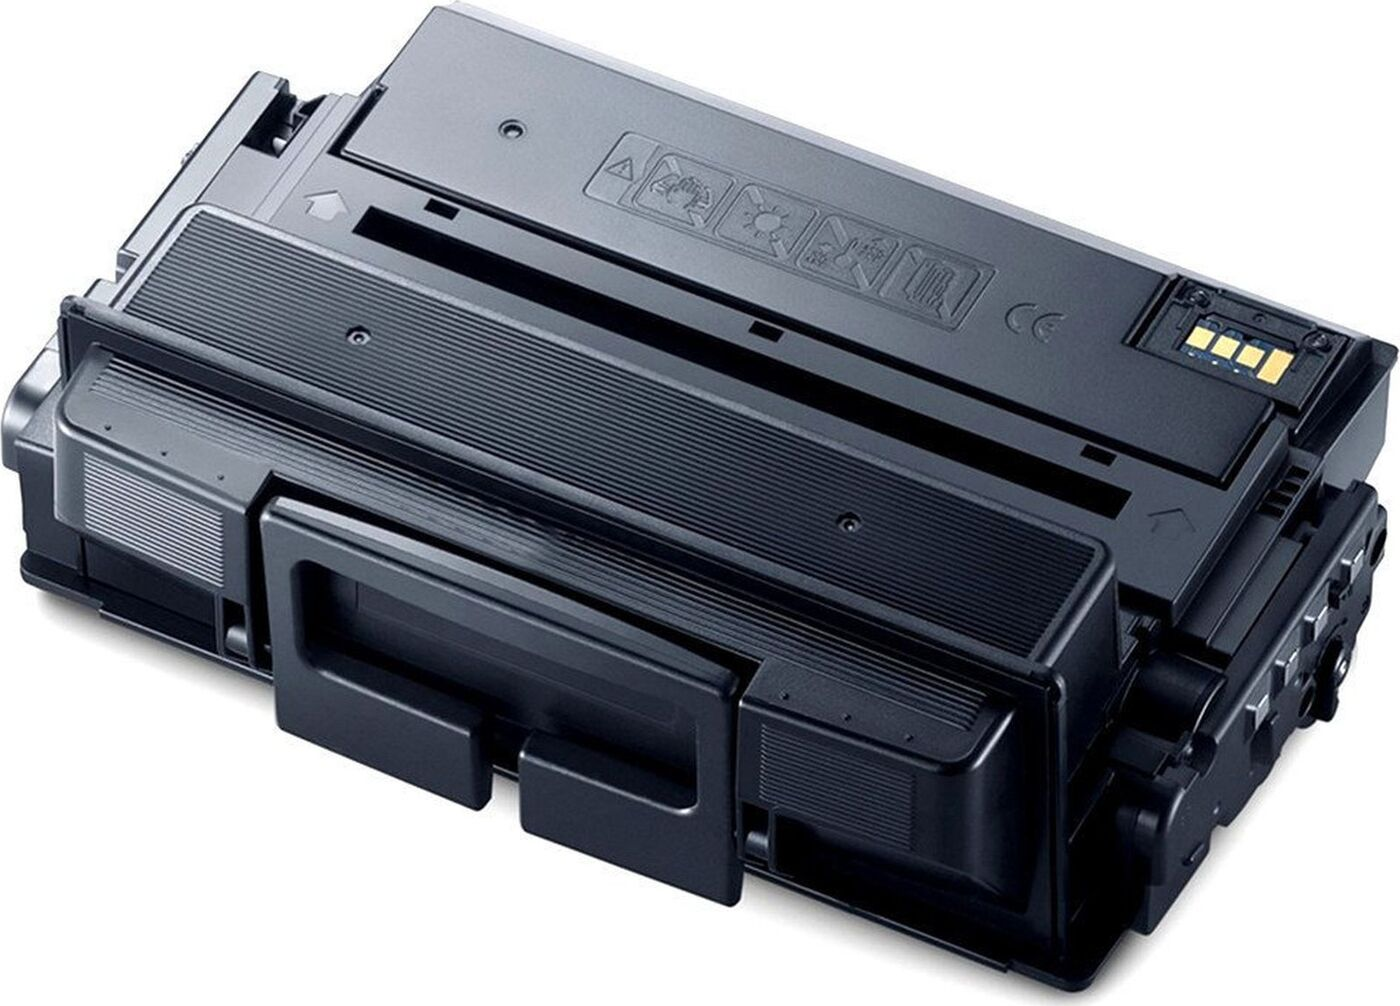 Картридж SAKURA MLTD203E-N для Samsung SL-M3820/4020, M3870/4070, черный, 10 000 к. (обновленный чип)